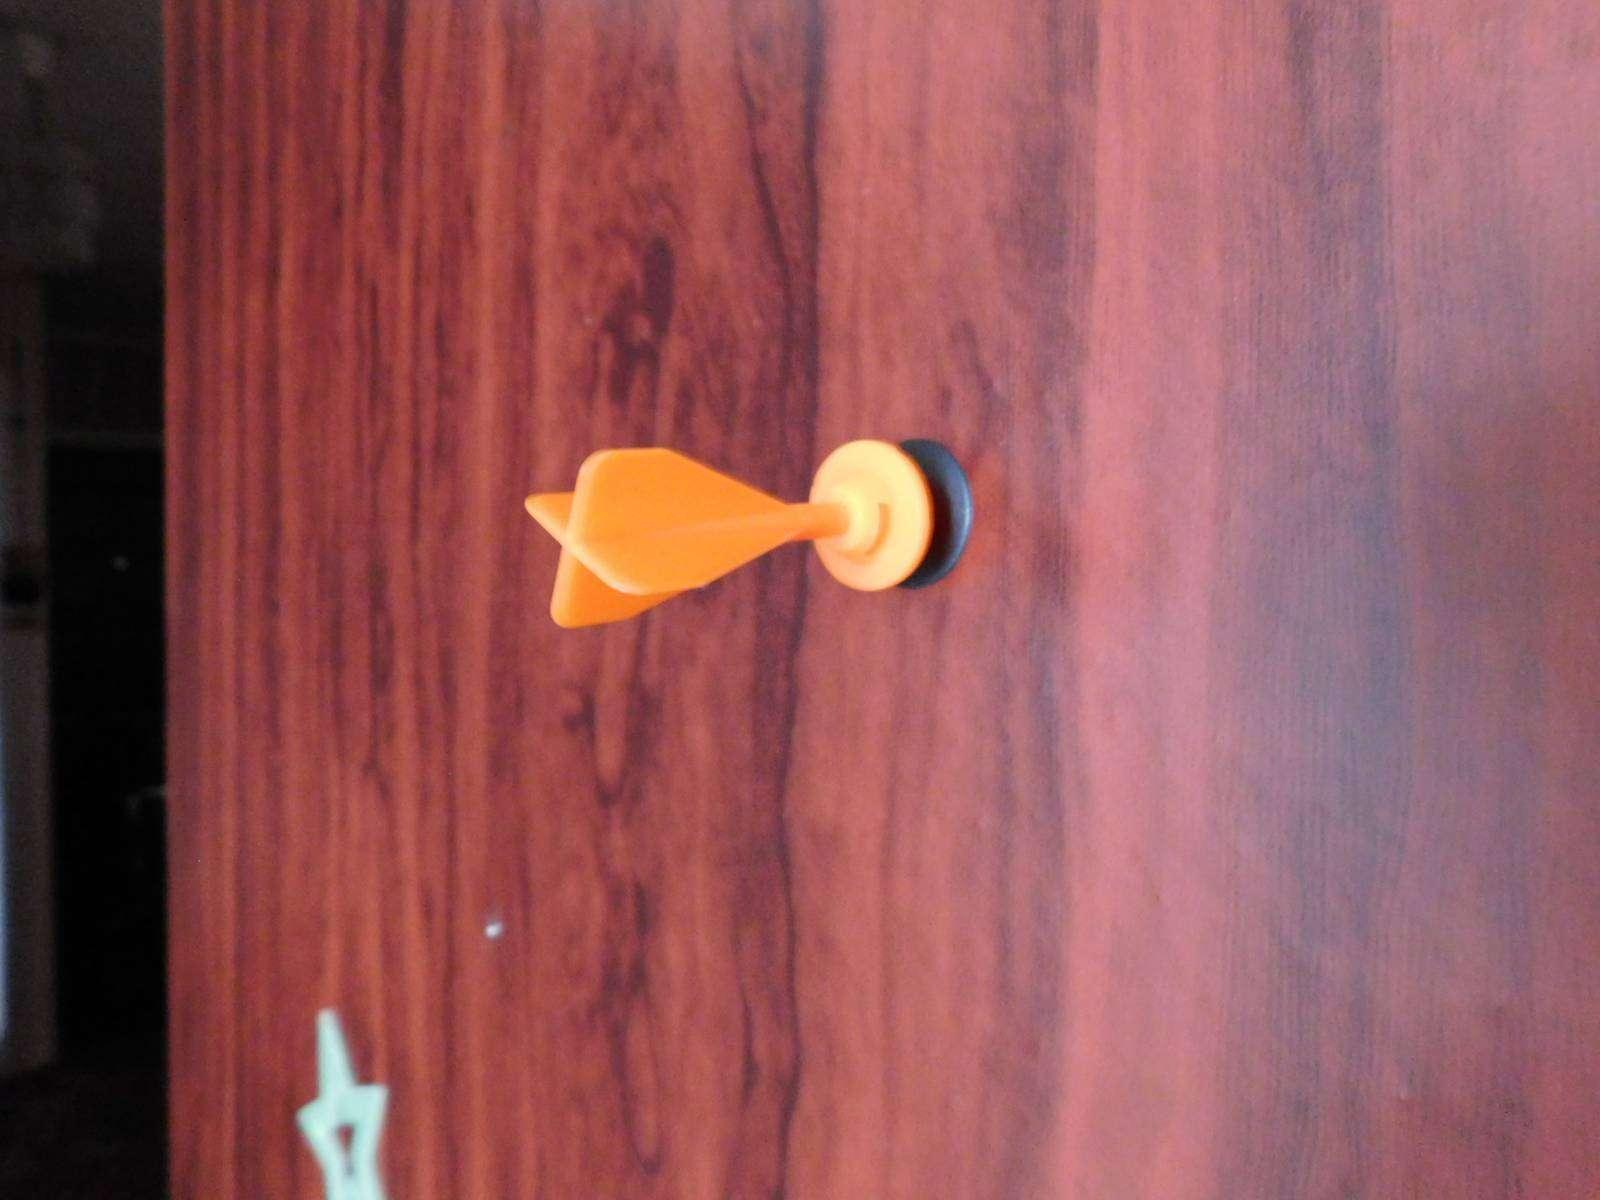 GearBest: Китайский дротик с присоской